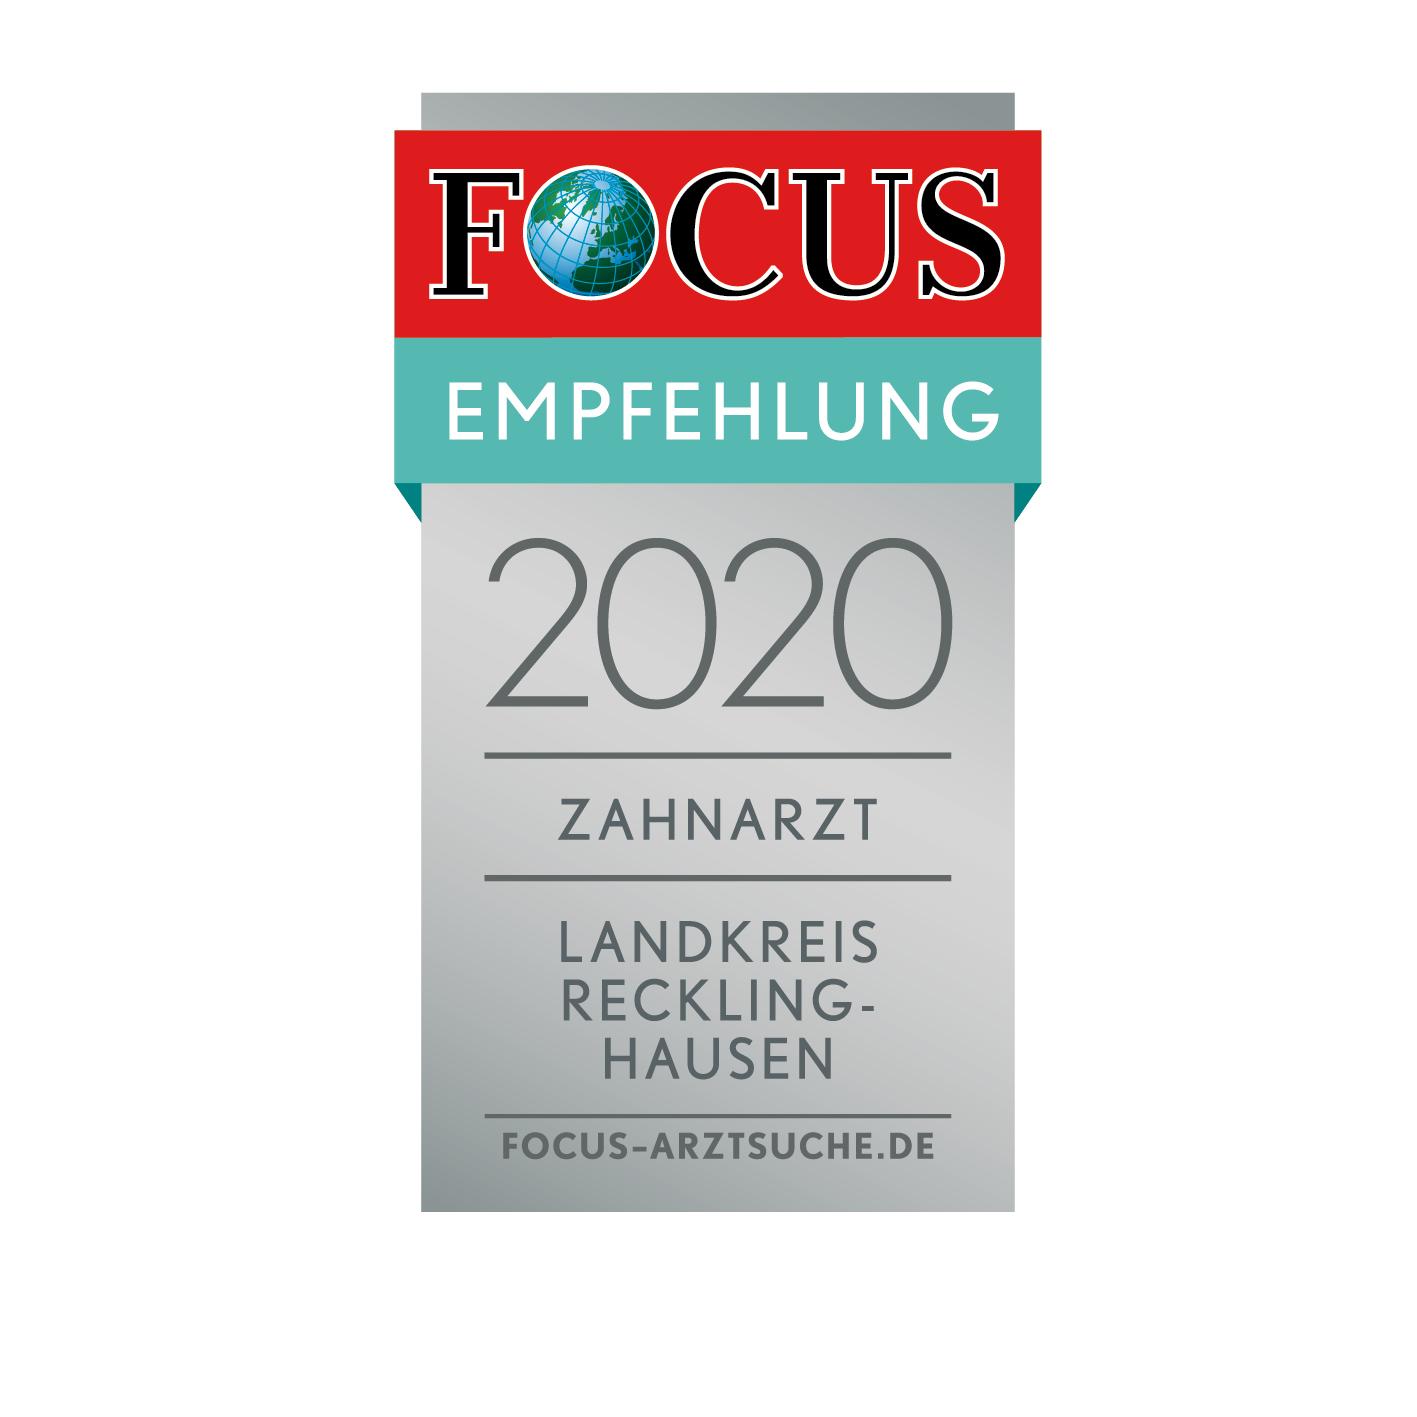 Focus Empfehlungssiegel 2020